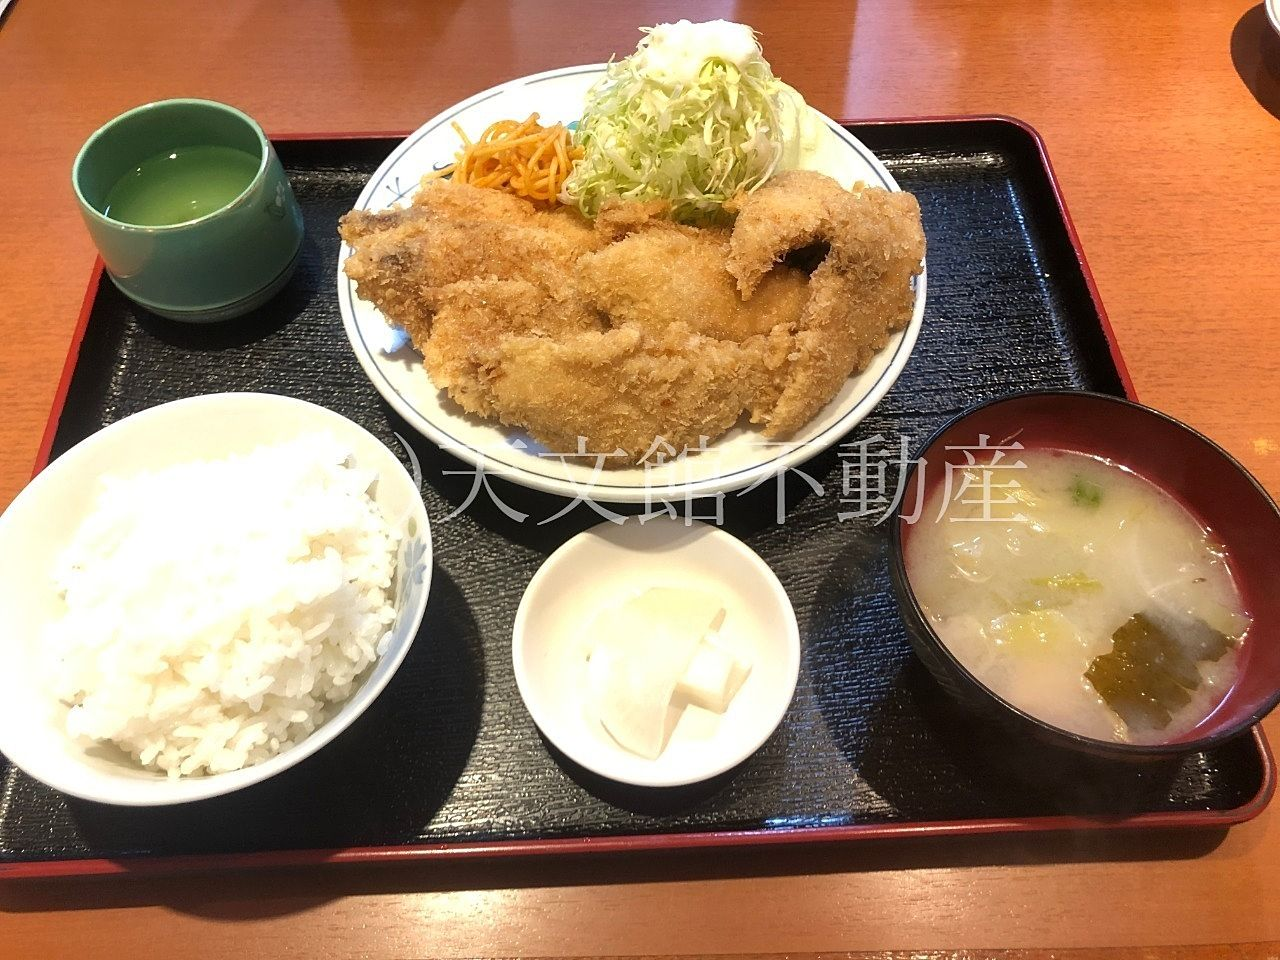 鹿児島市高麗町の気安の白身フライ定食の大盛りです。おすすめだけど食べきれないです。